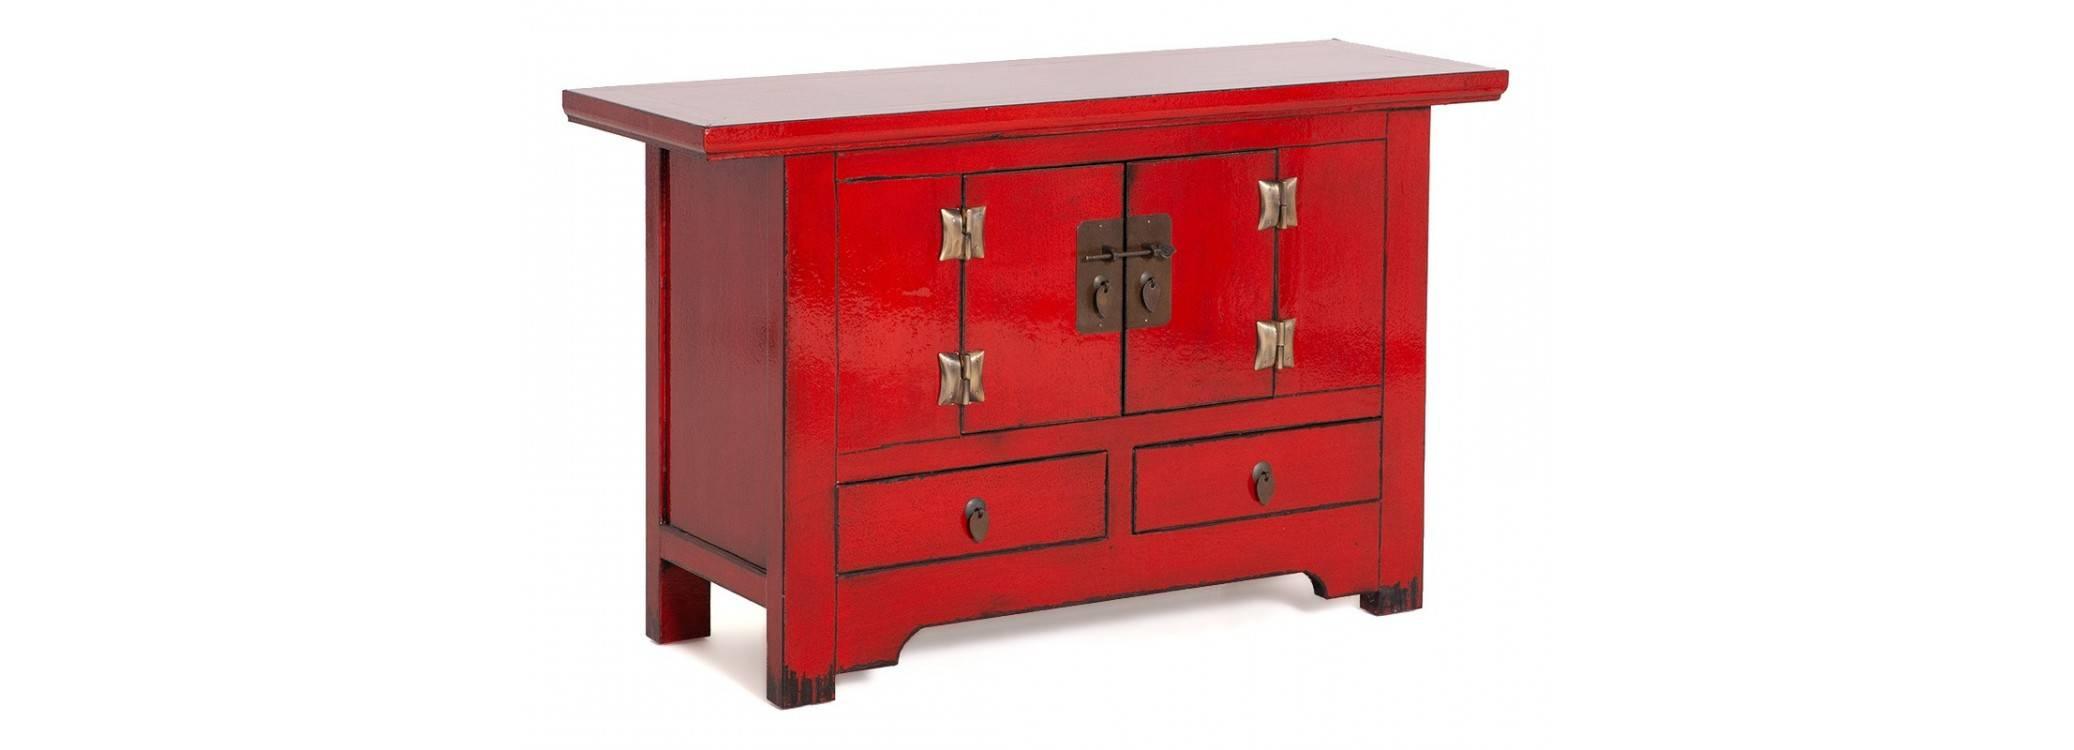 Sideboard Shanghai - 2 doors and 2 drawers